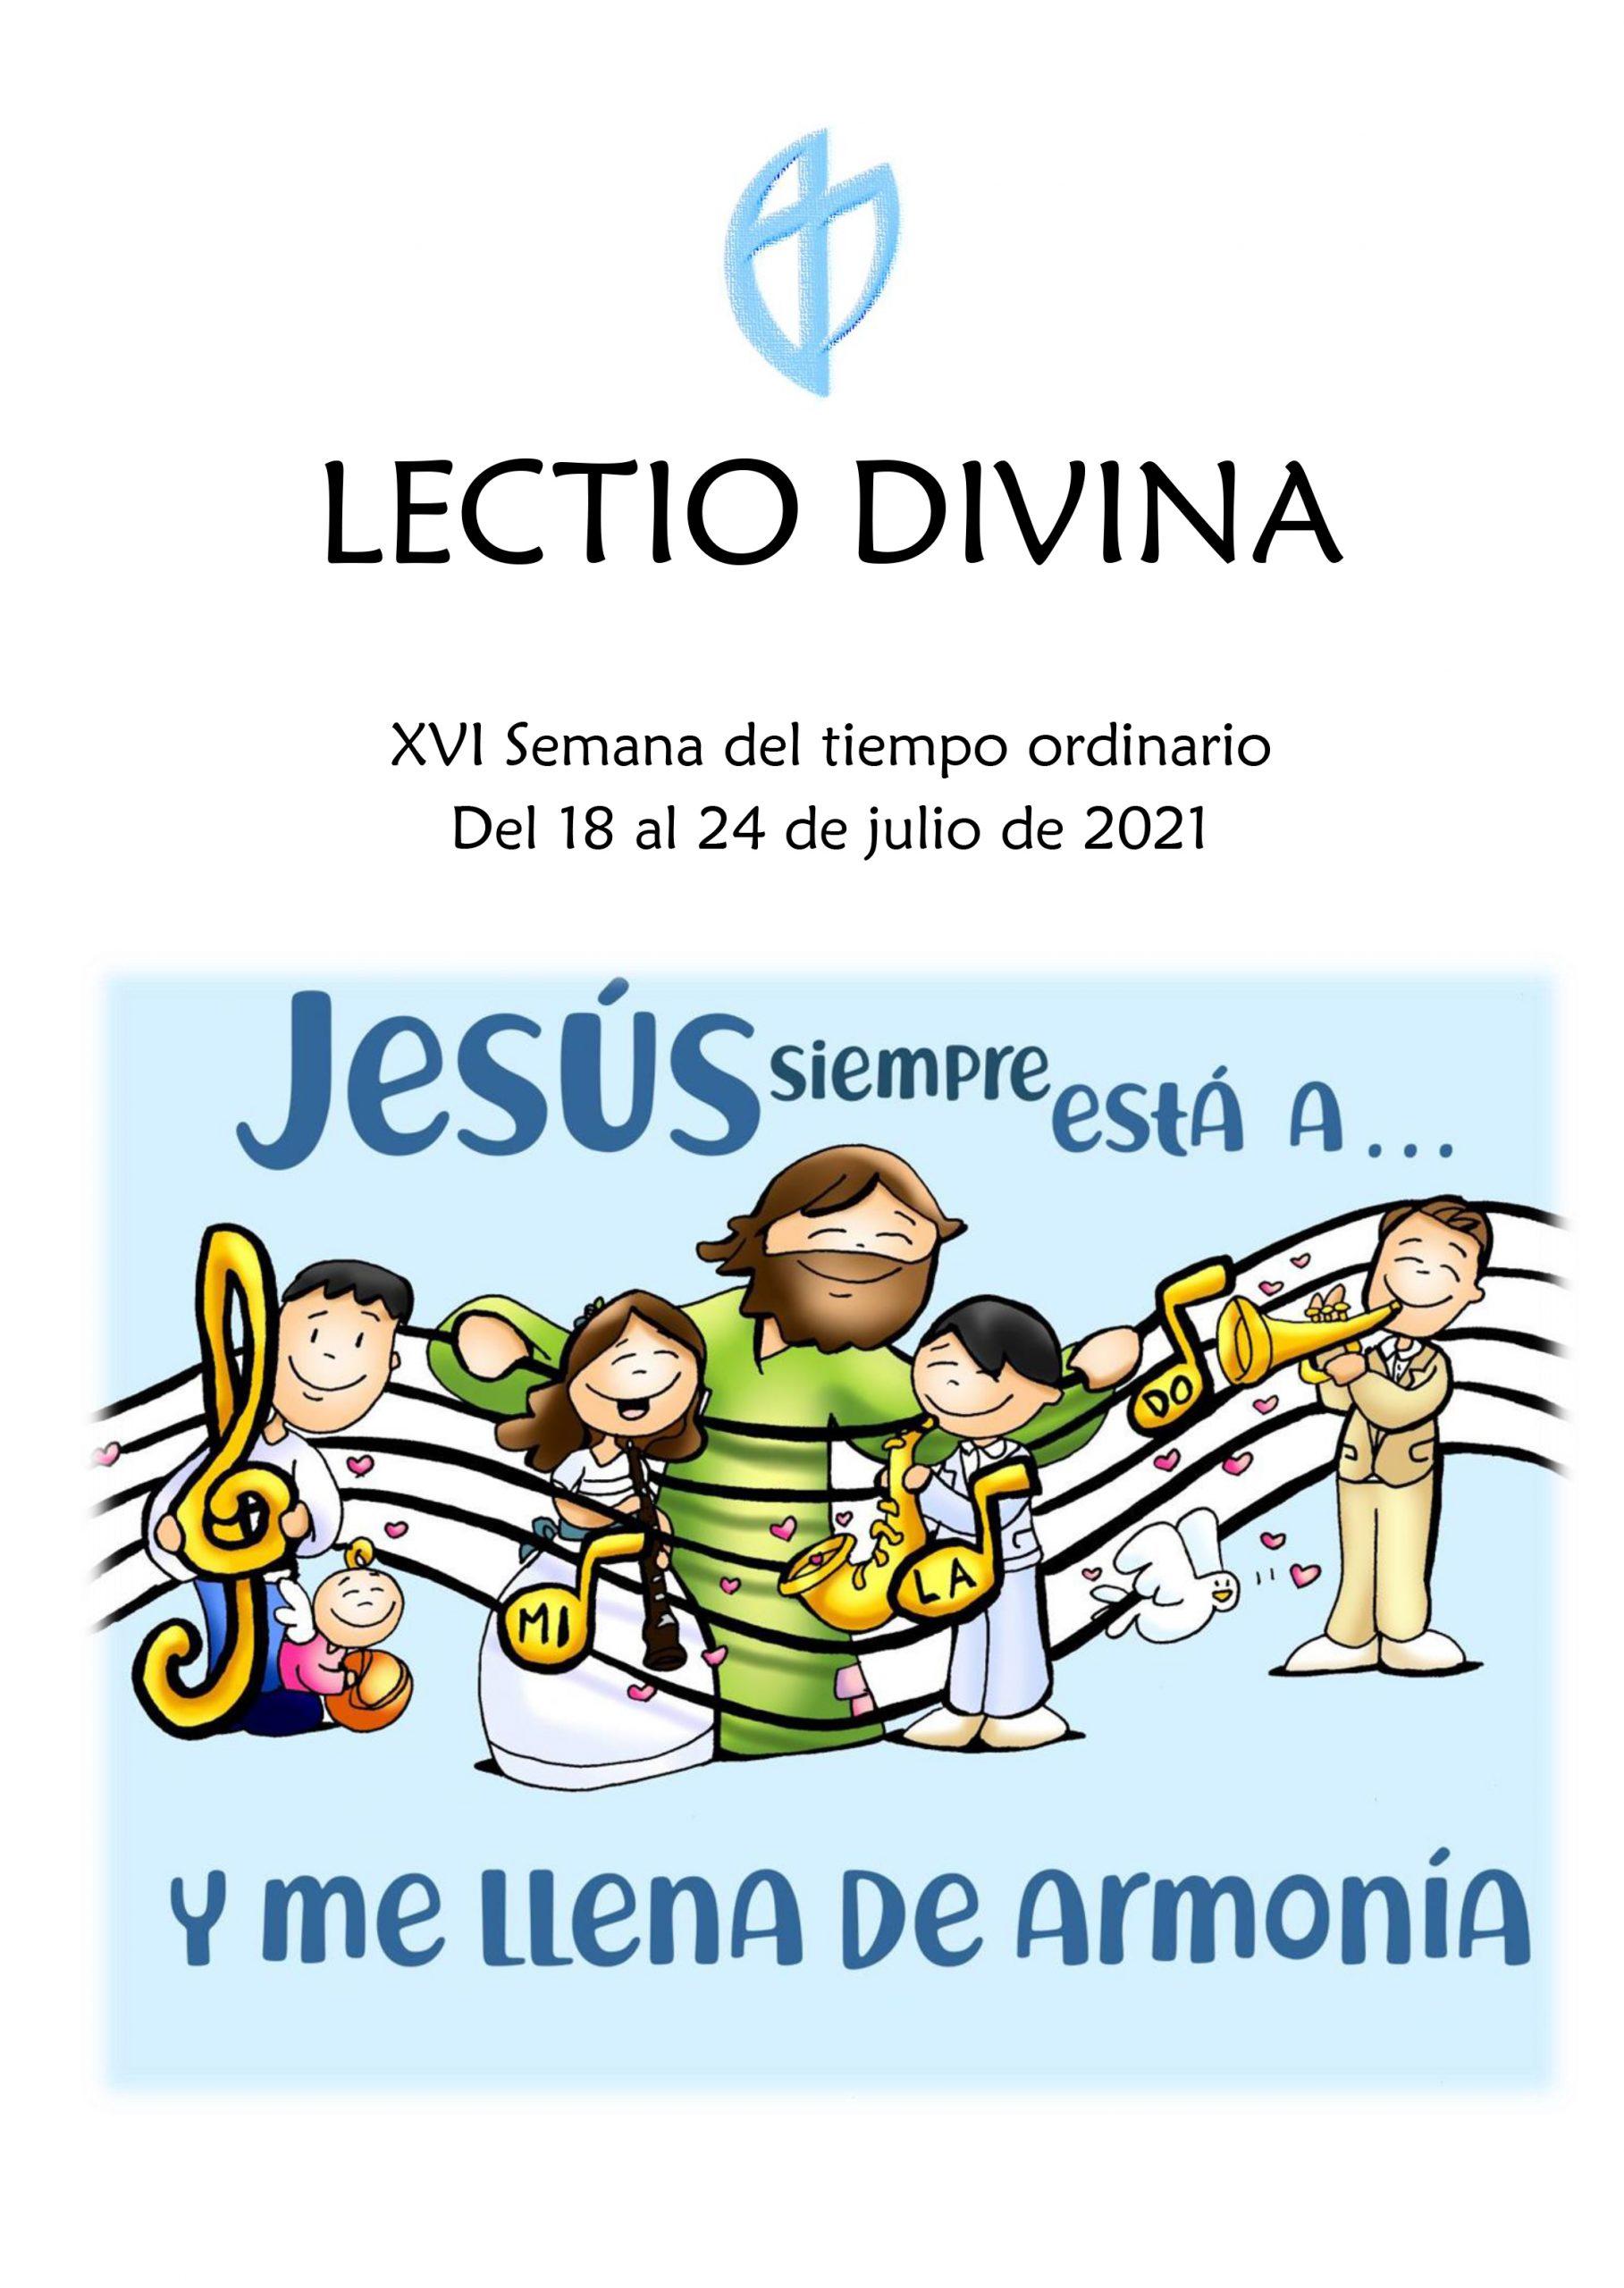 XVI Semana del tiempo ordinario (del 18 al 24 de julio de 2021)